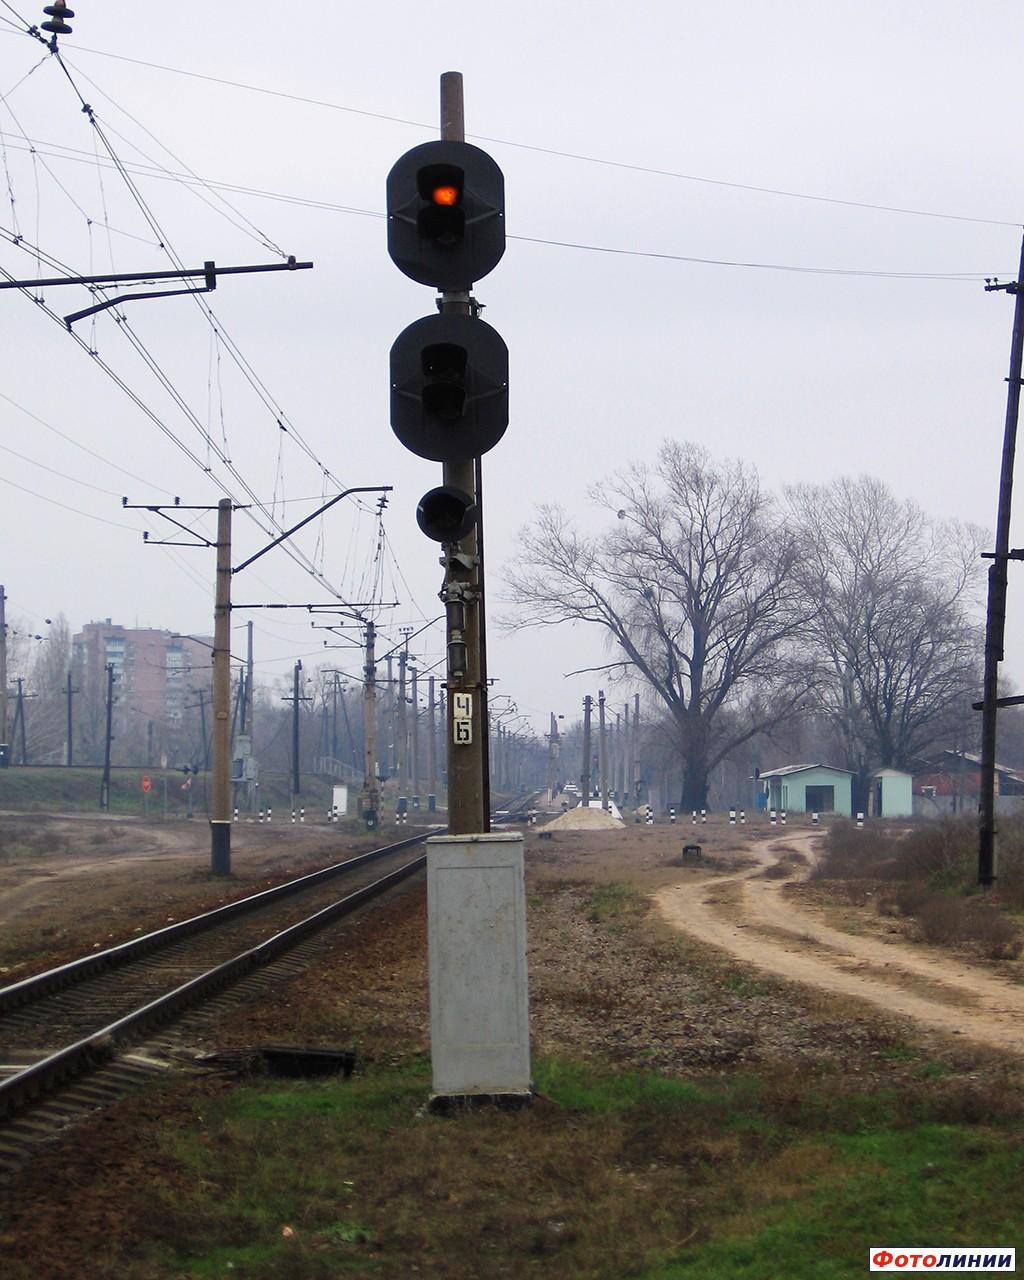 железнодорожный светофор цвет сколько фото городе имеются буддистские